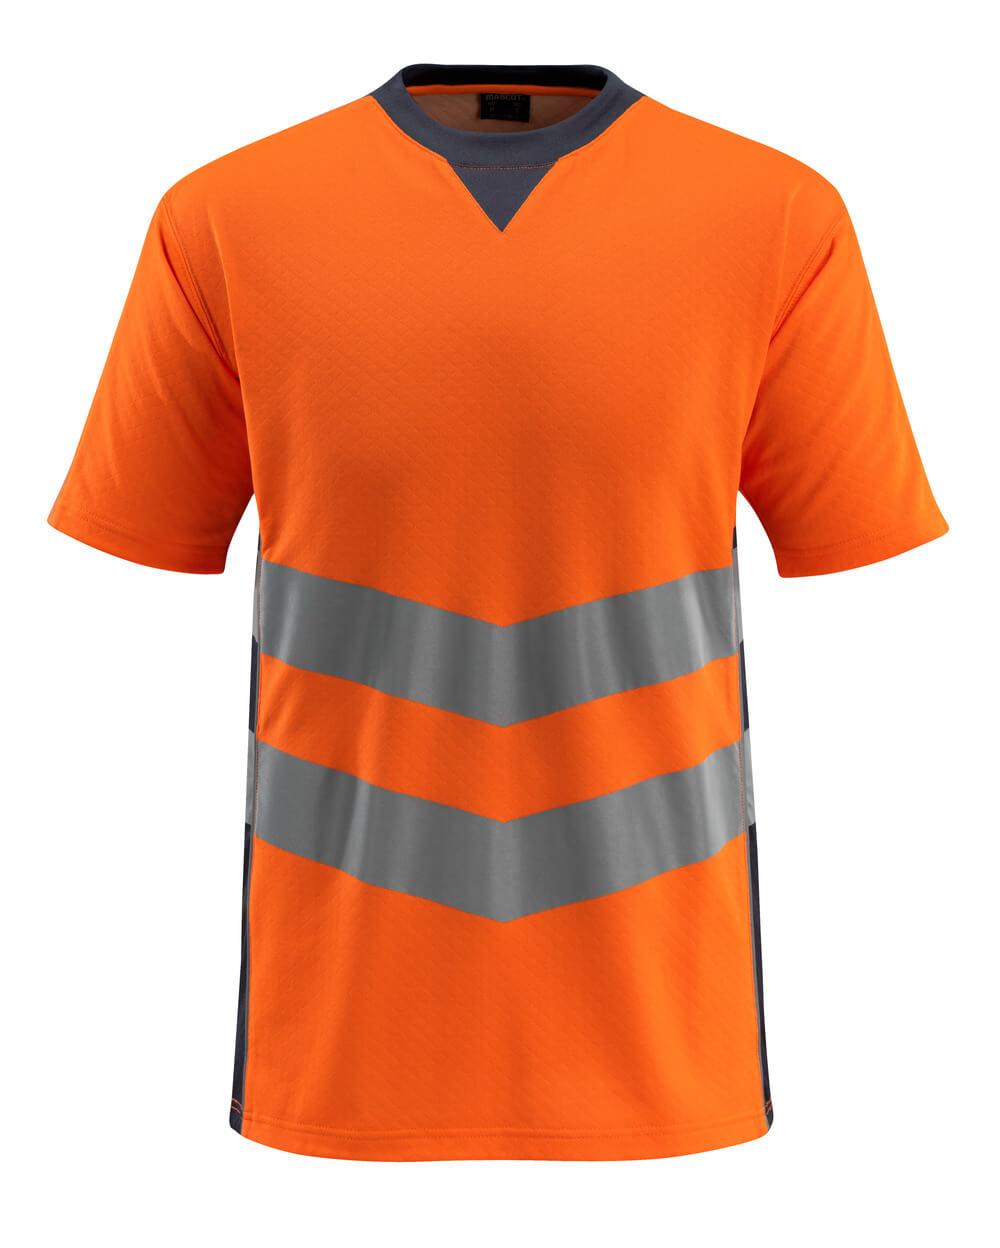 50127-933-14010 T-Paita - hi-vis oranssi/tumma laivastonsininen